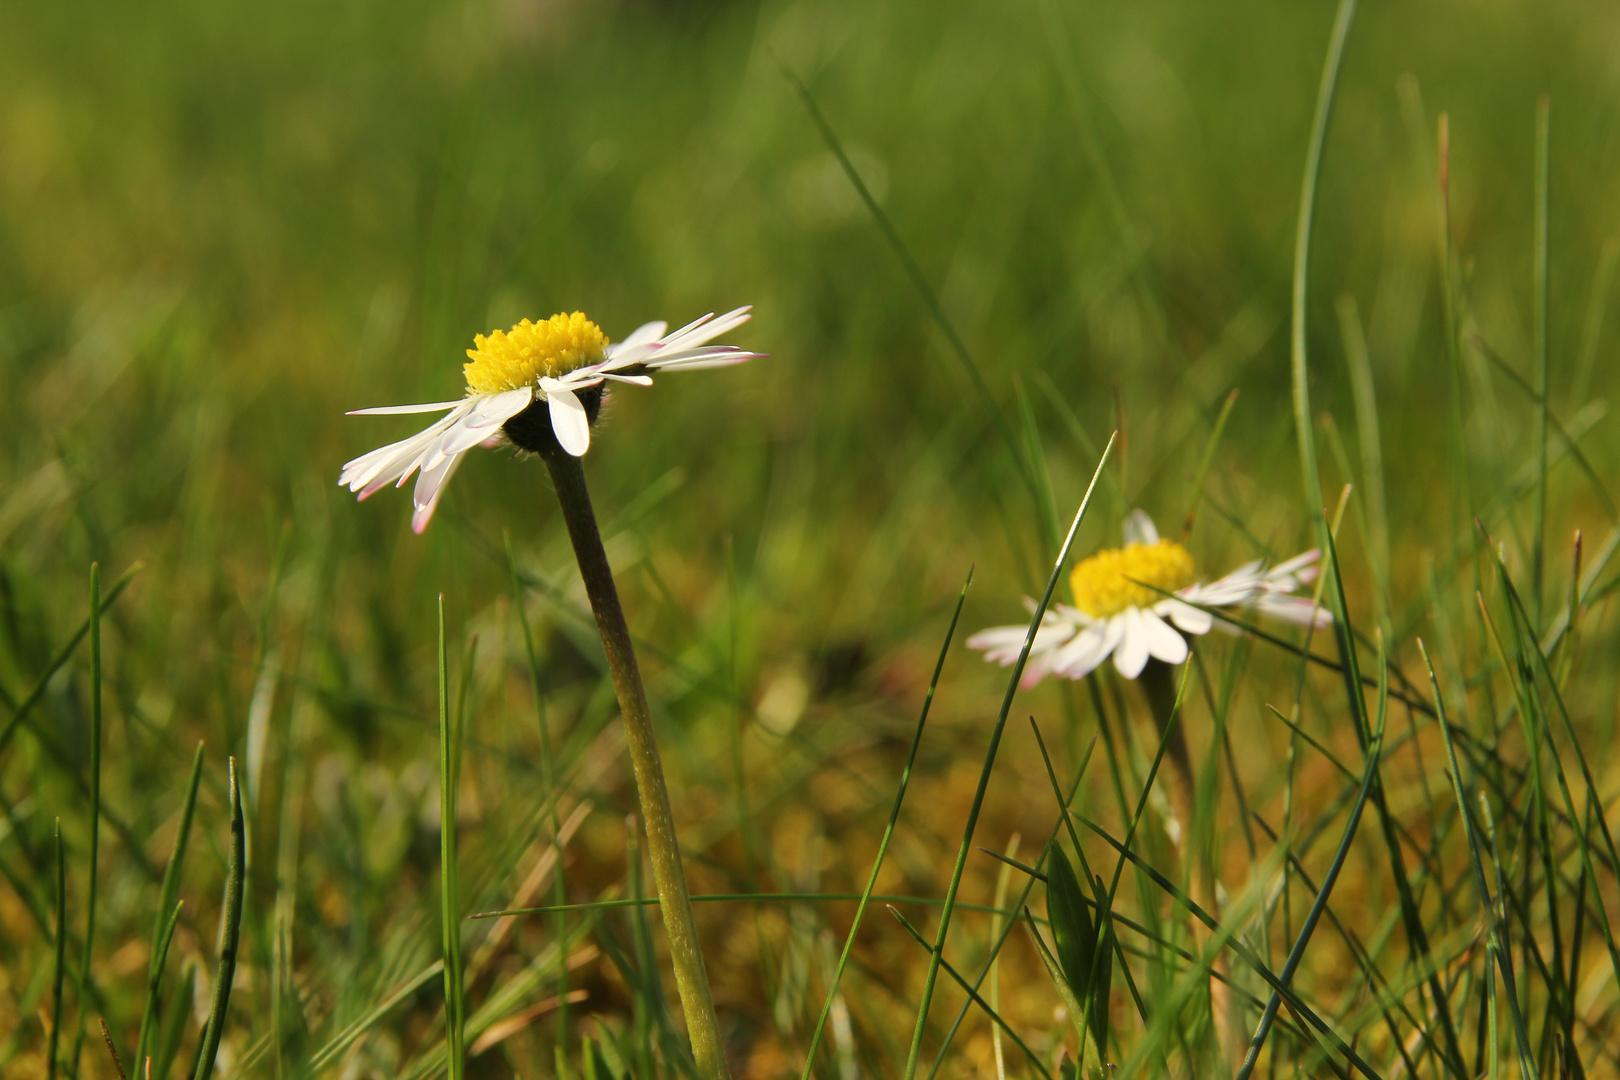 Ich wünsche allen eine schöne Frühlingswoche!